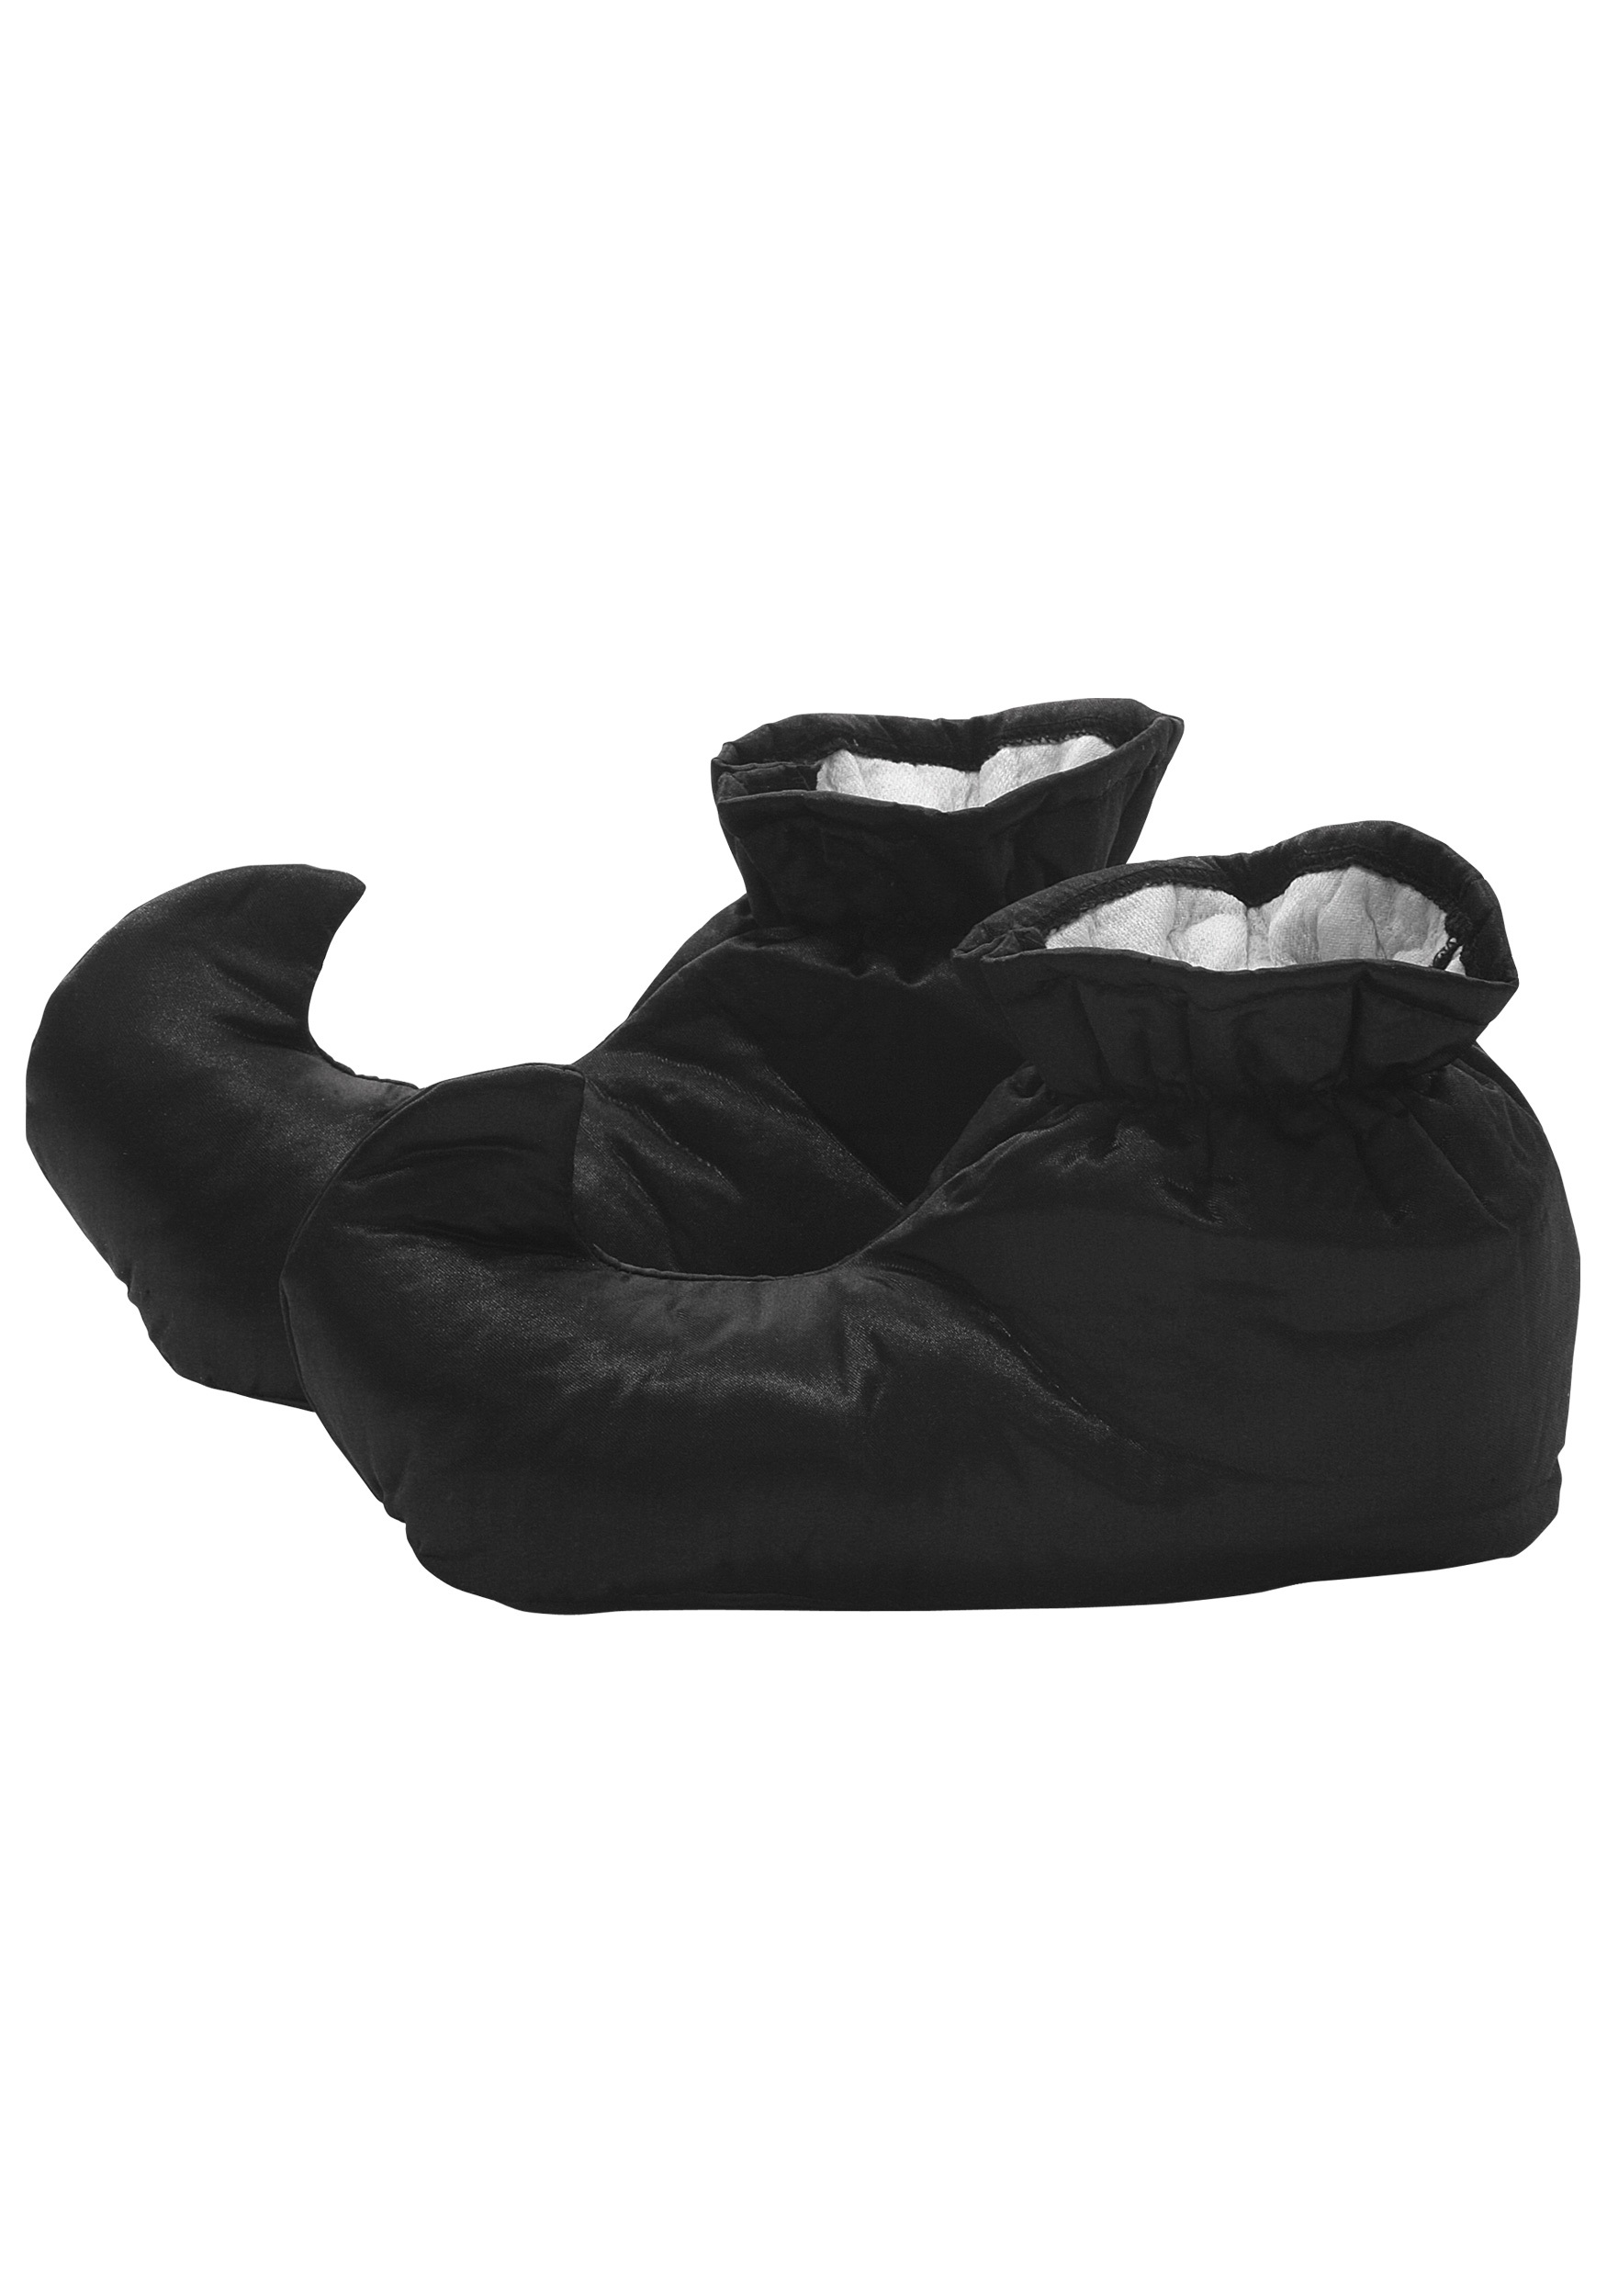 Black Munchkin Shoes Munchkin Shoes